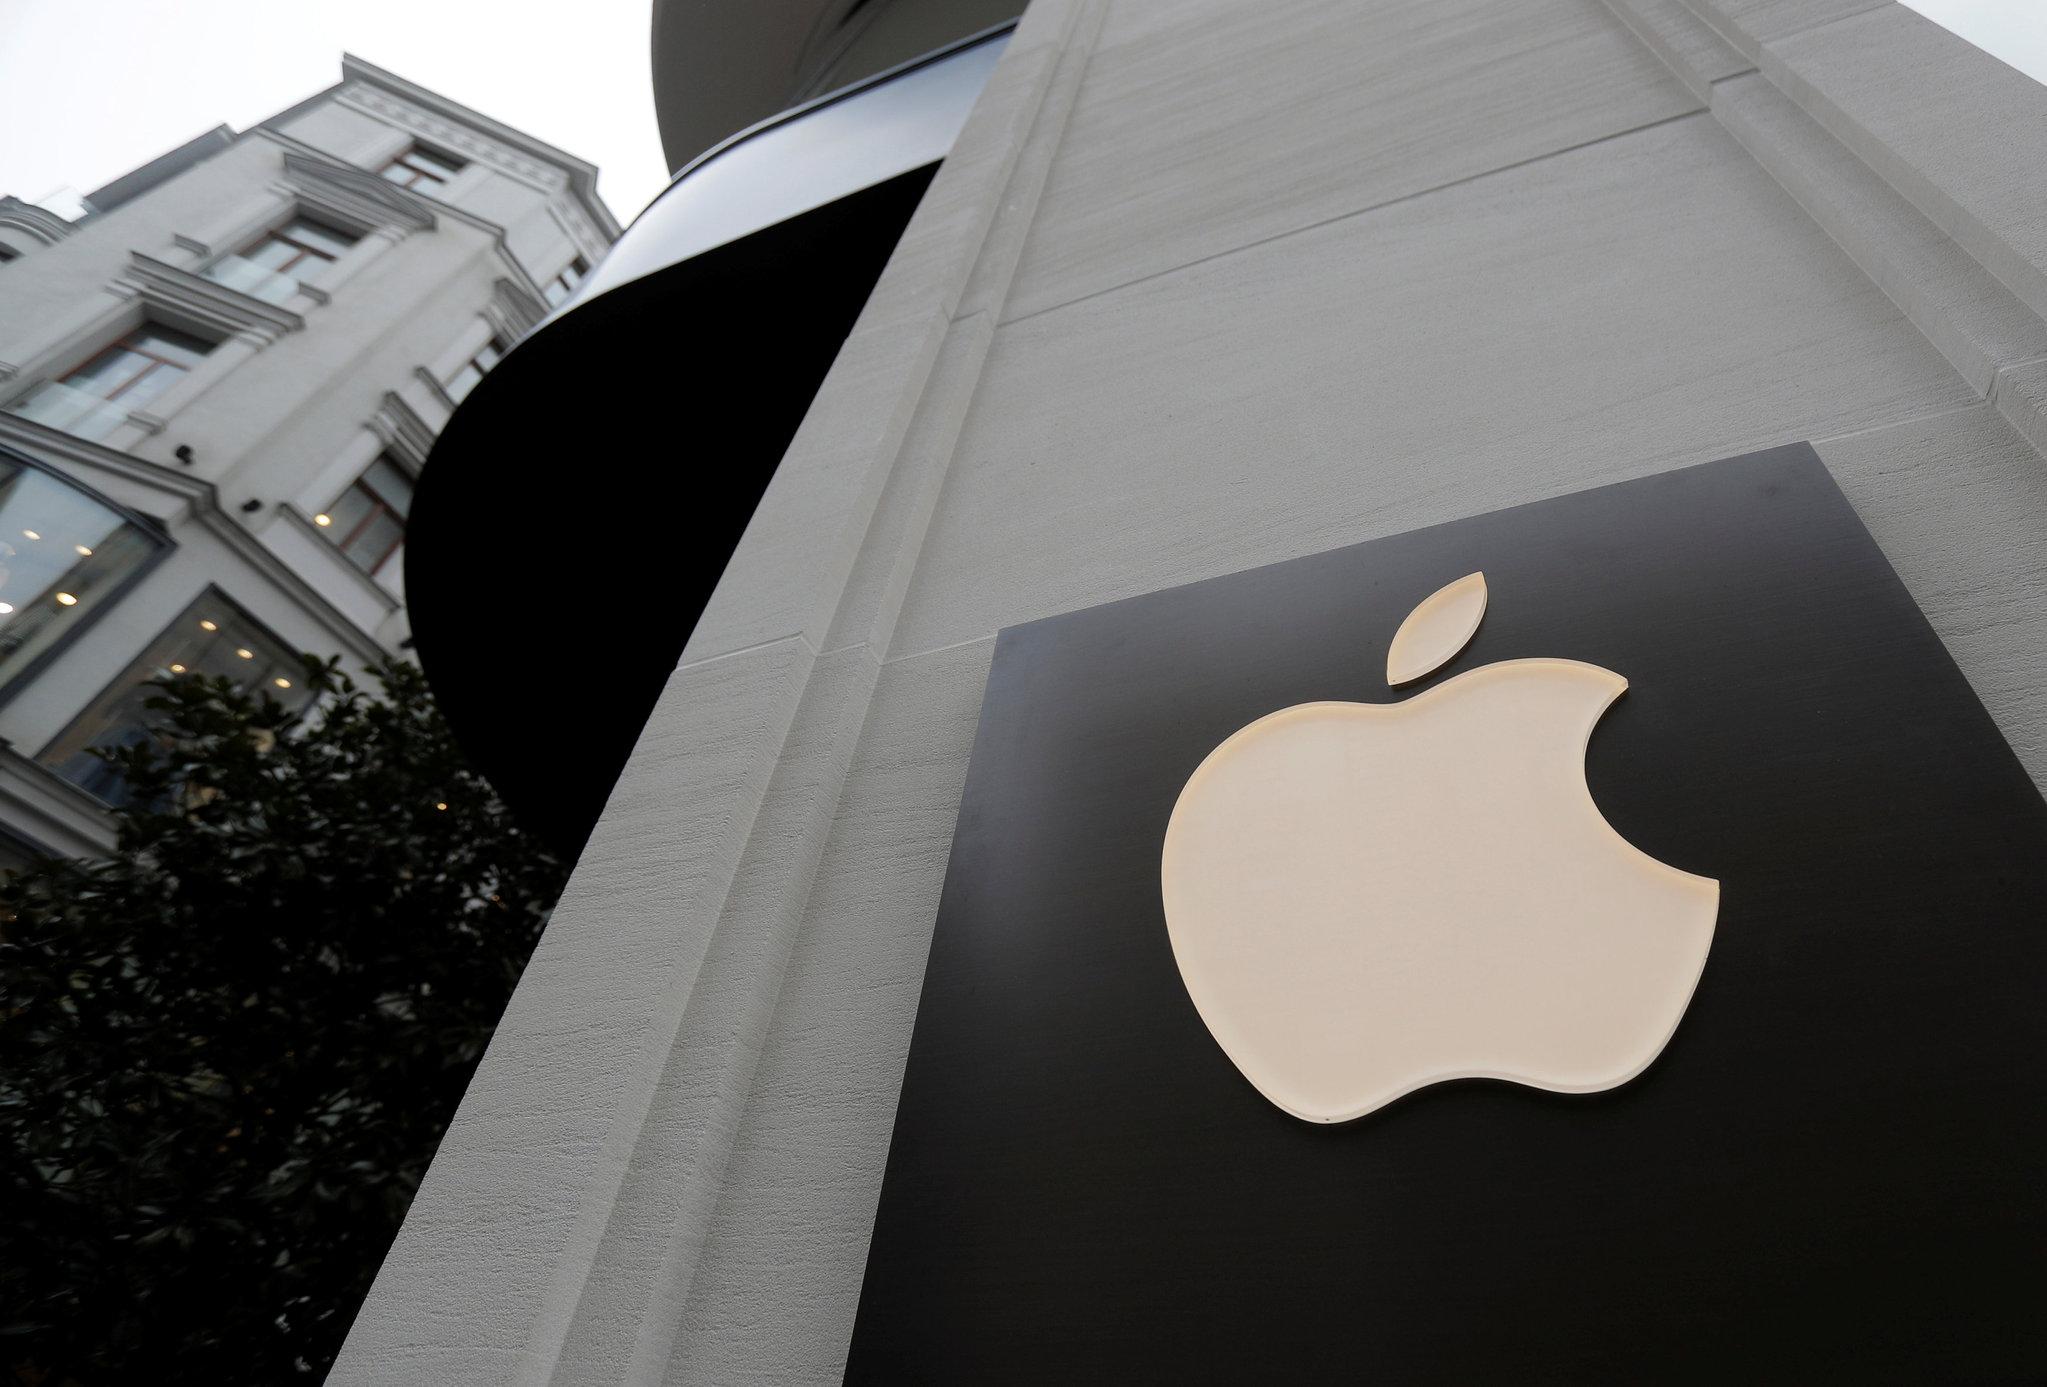 Apple'ın para gönderme servisi dünya çapında hizmete girdi